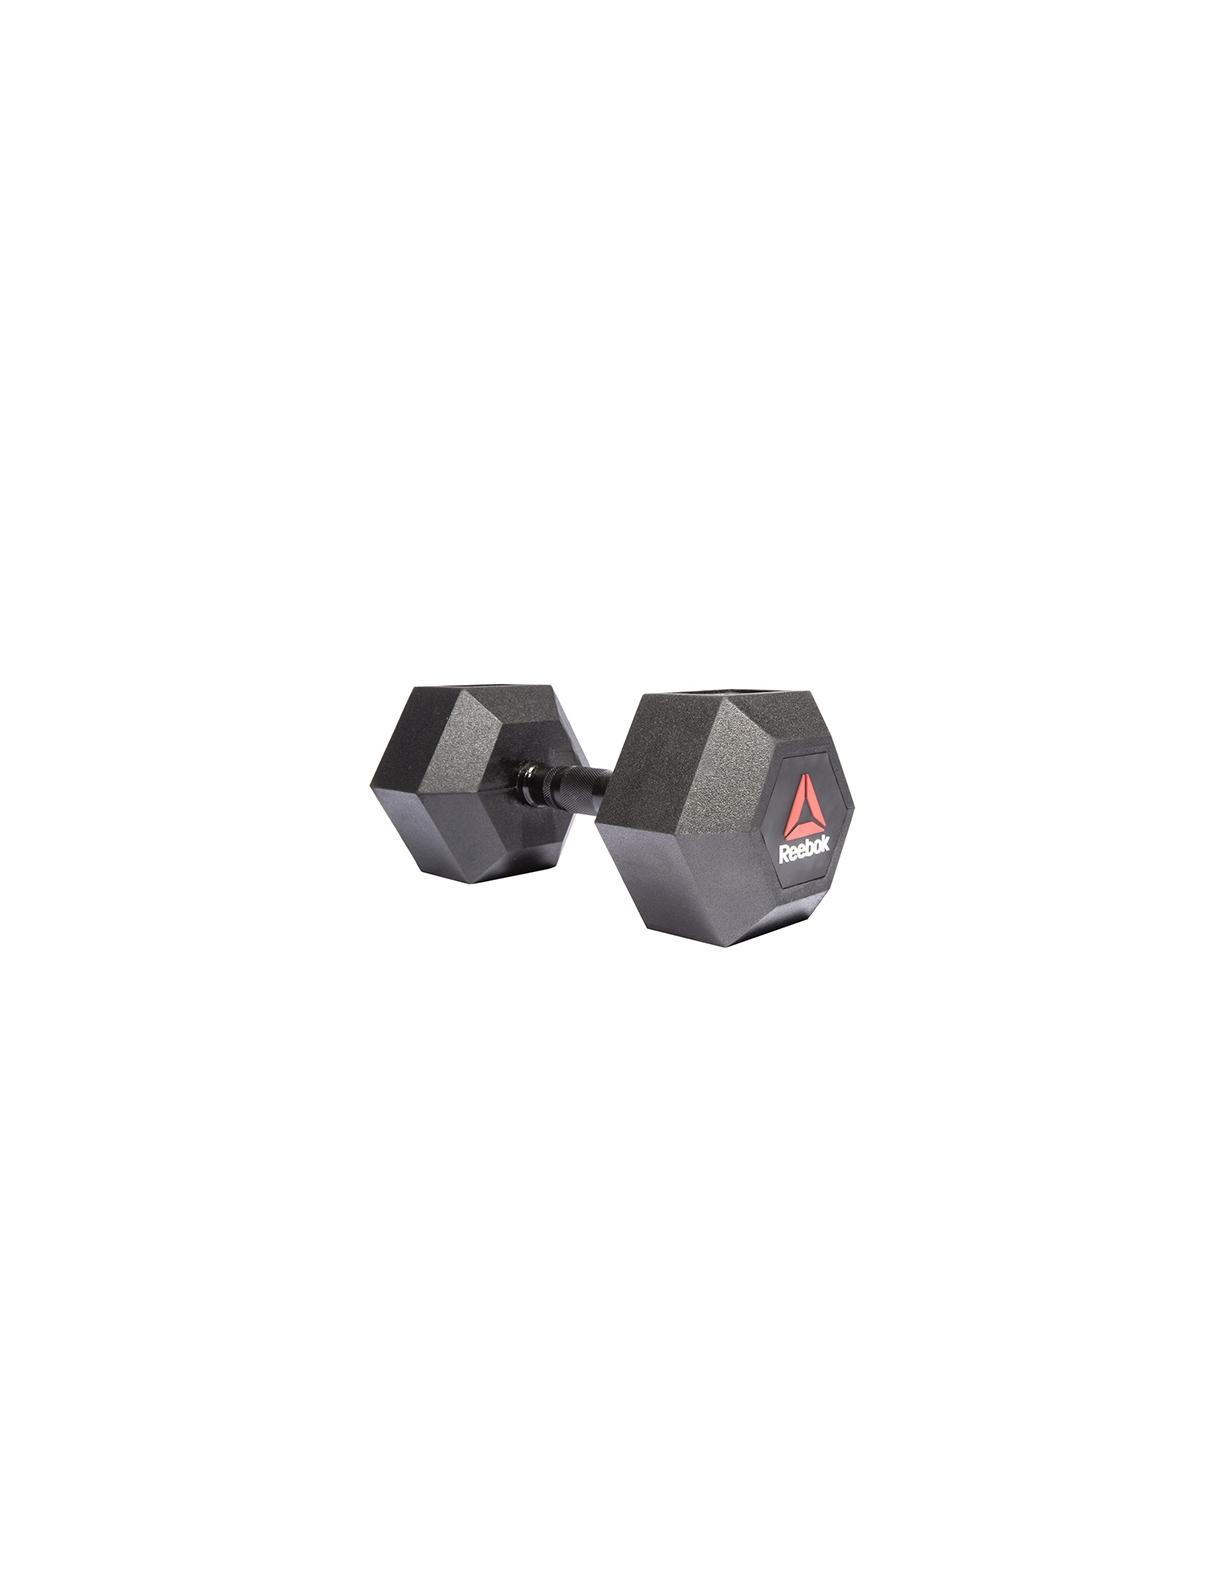 RSWT-11050 Hex Dumbbell - 5kg